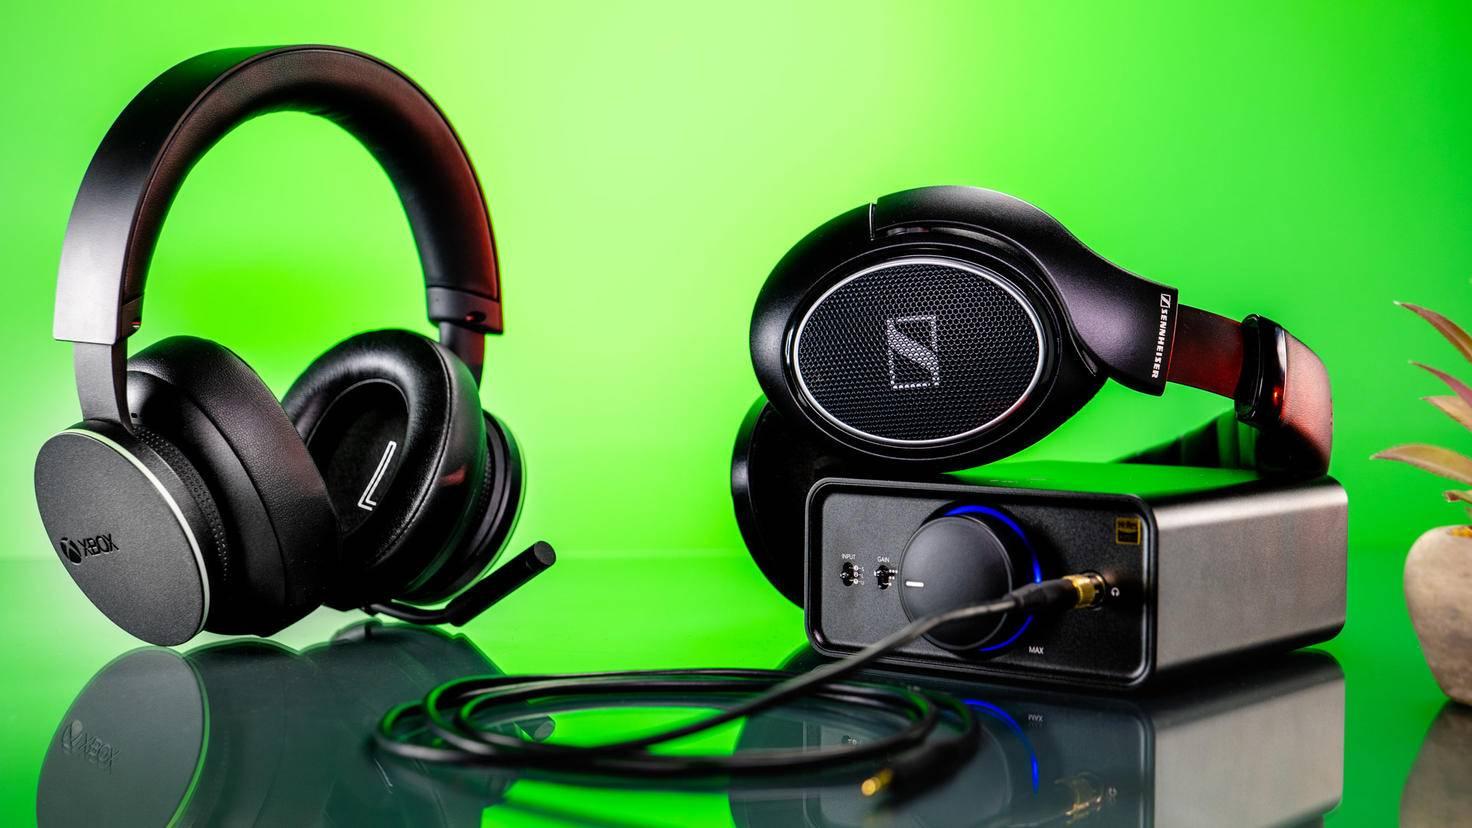 Xbox-Wireless-Headset-7